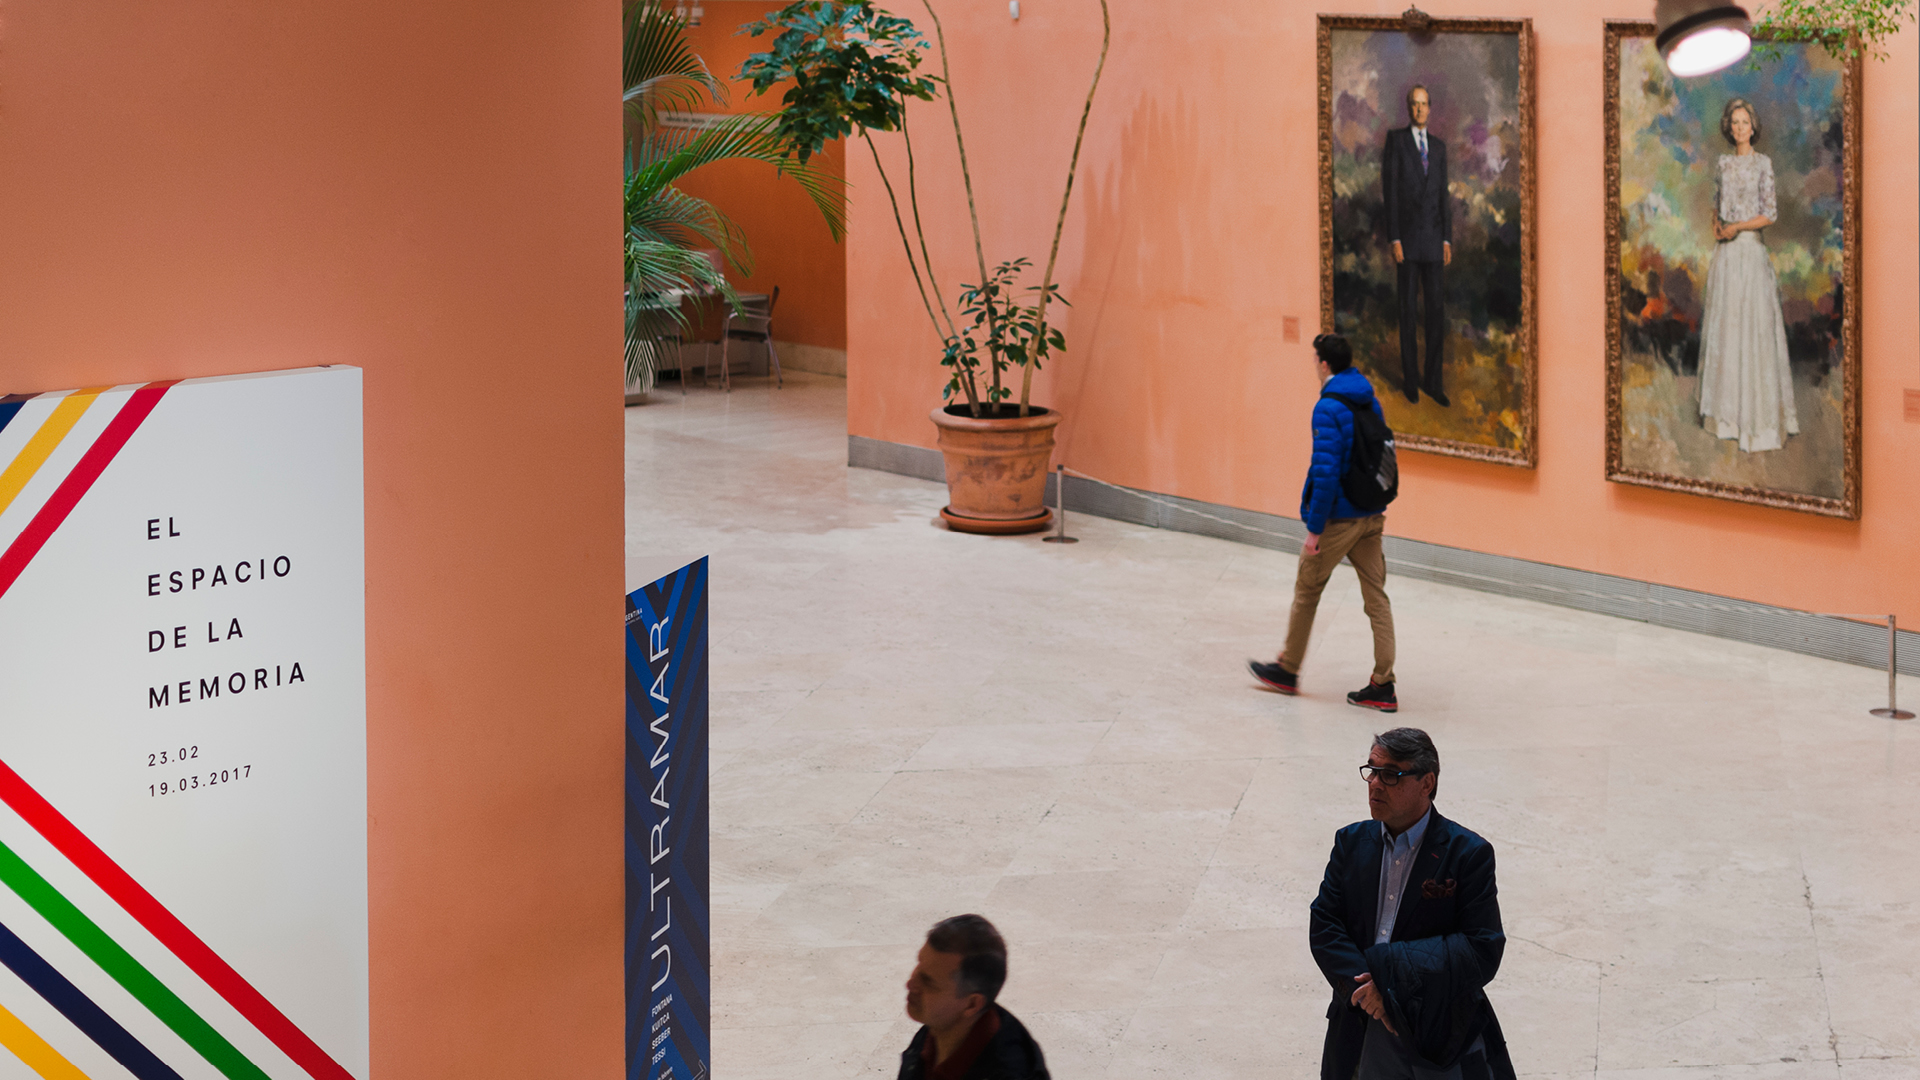 SLIDE-1920X1080-20170223-El_Espacio_de_la_memoria-Museo_Thyssen-MonicaMura©2